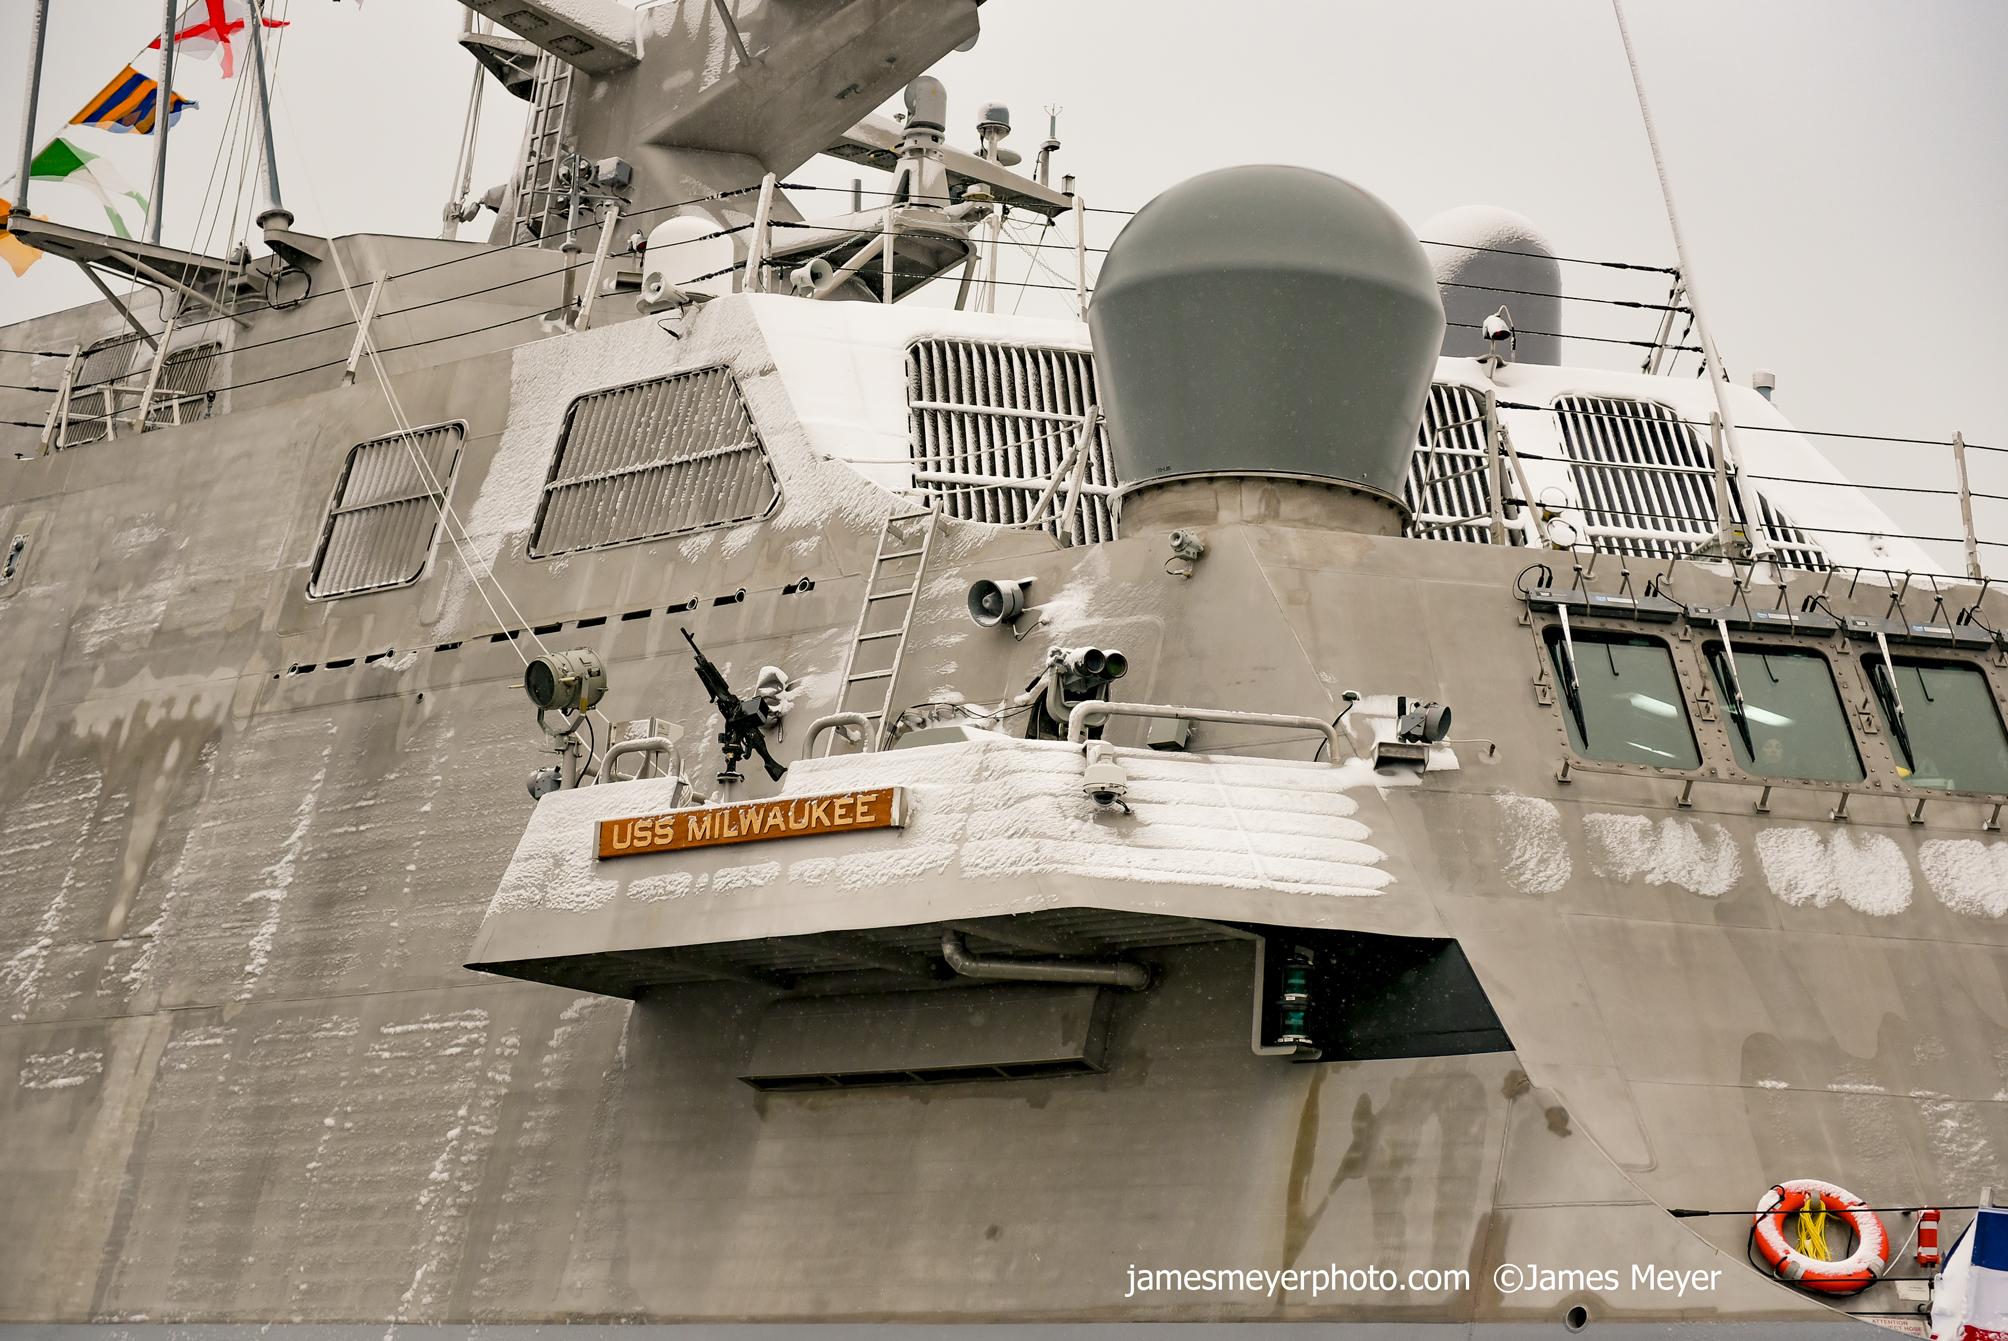 USS Milwaukee IV